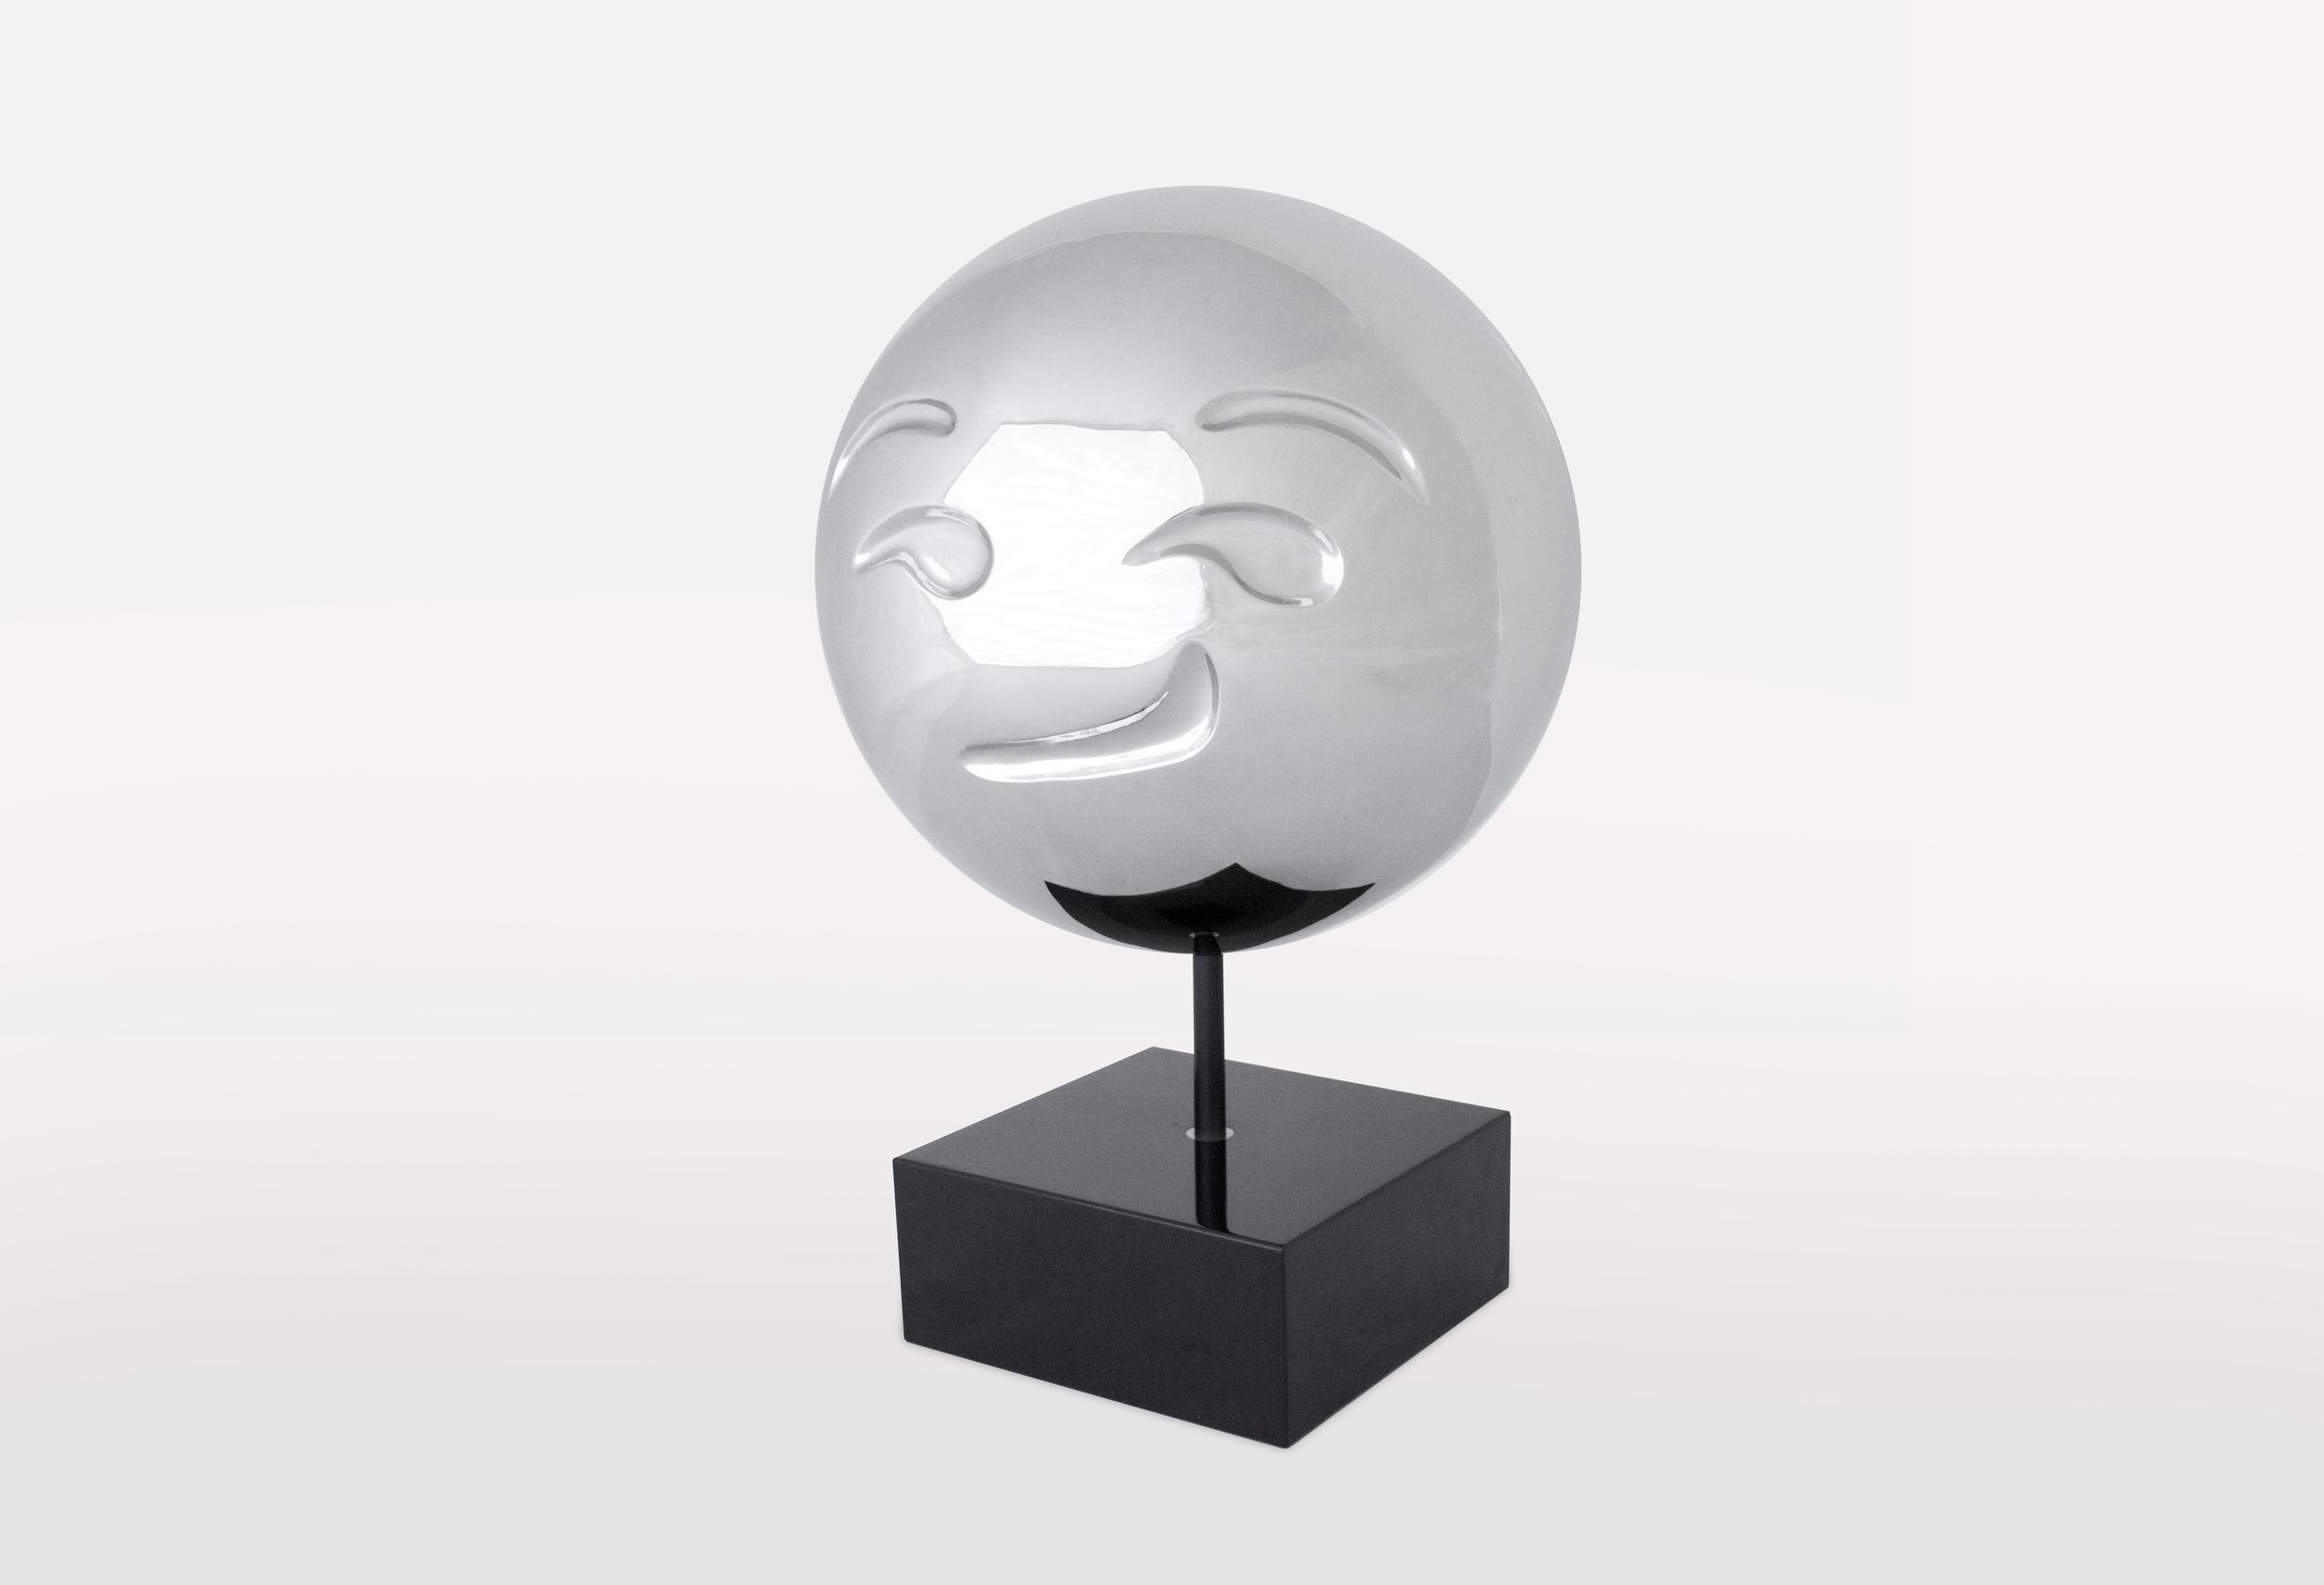 Smirk Emoji: Stainless Steel